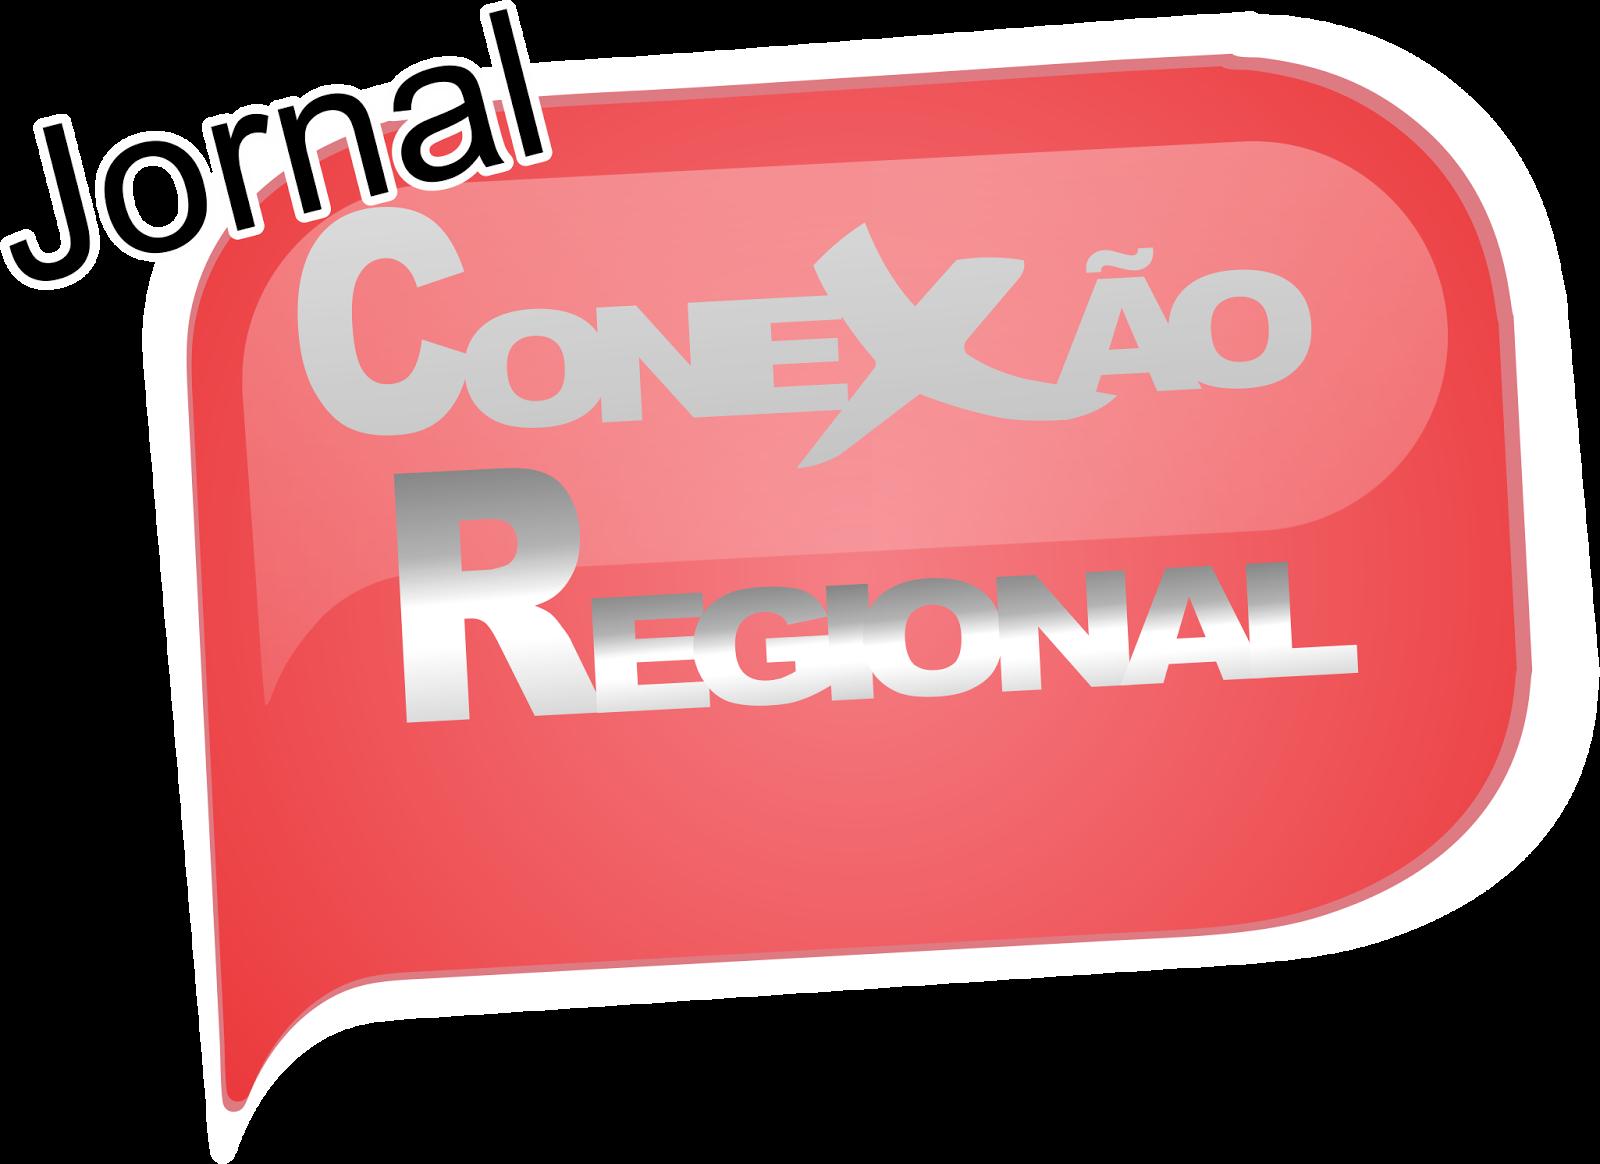 JORNAL CONEXÃO REGIONAL